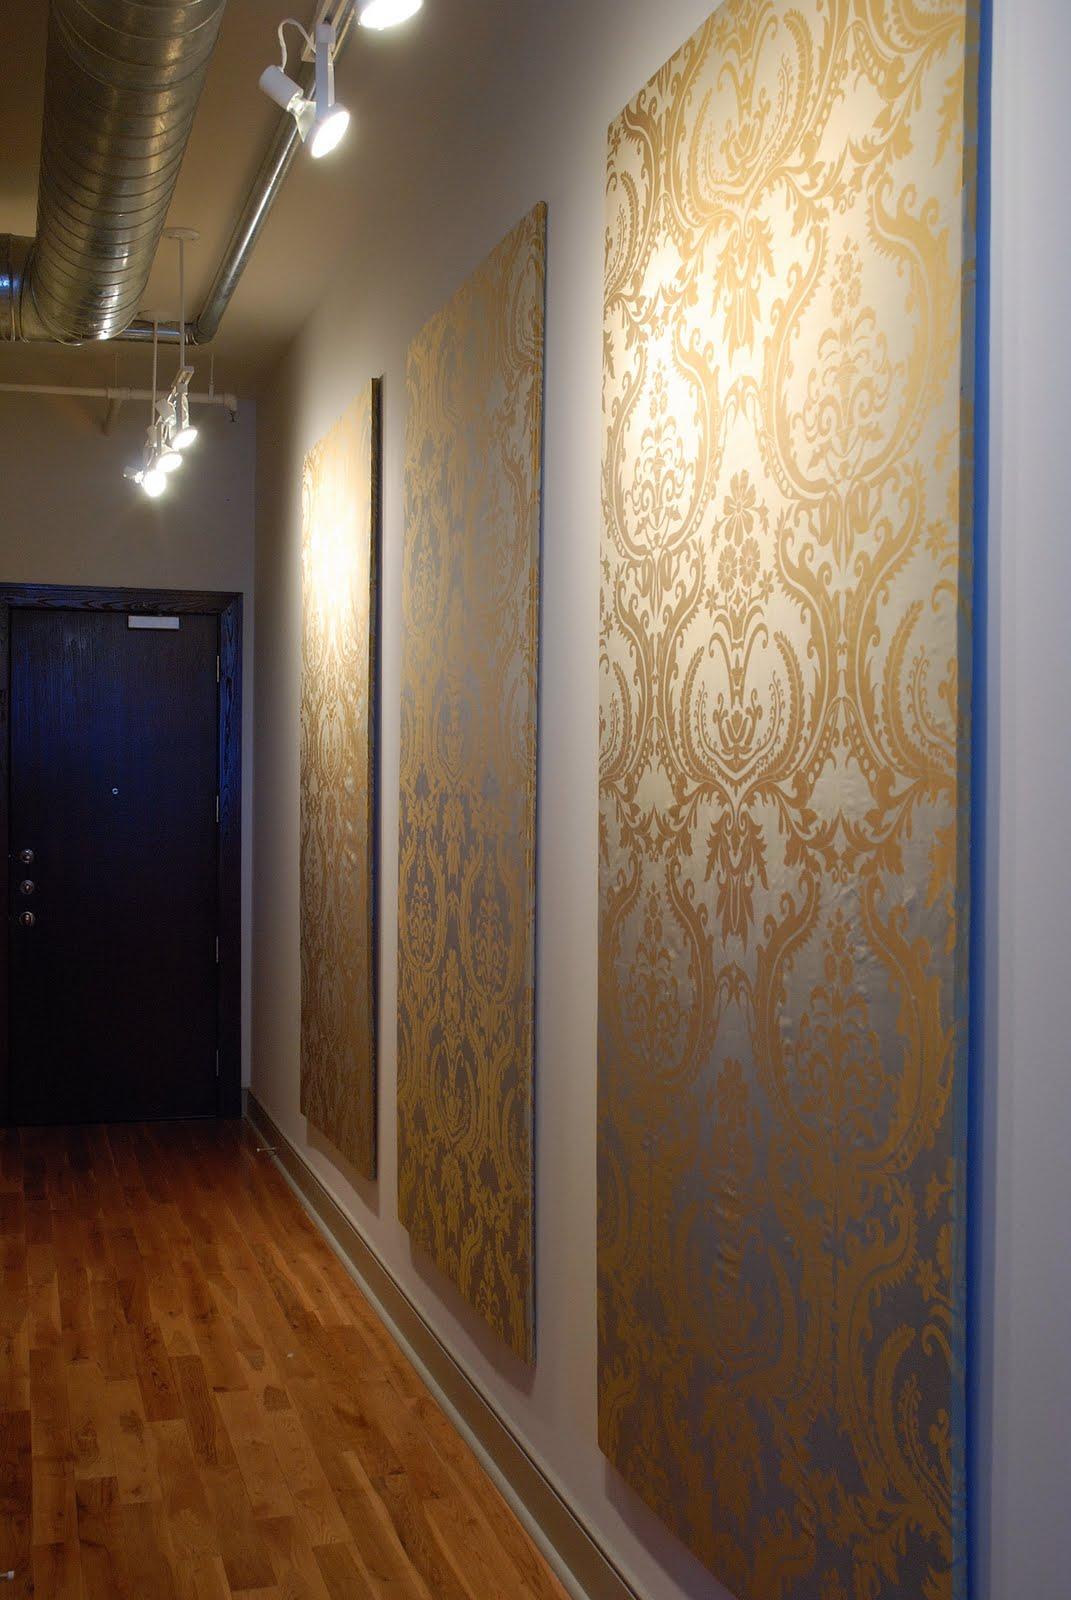 фото обои в коридоре фото